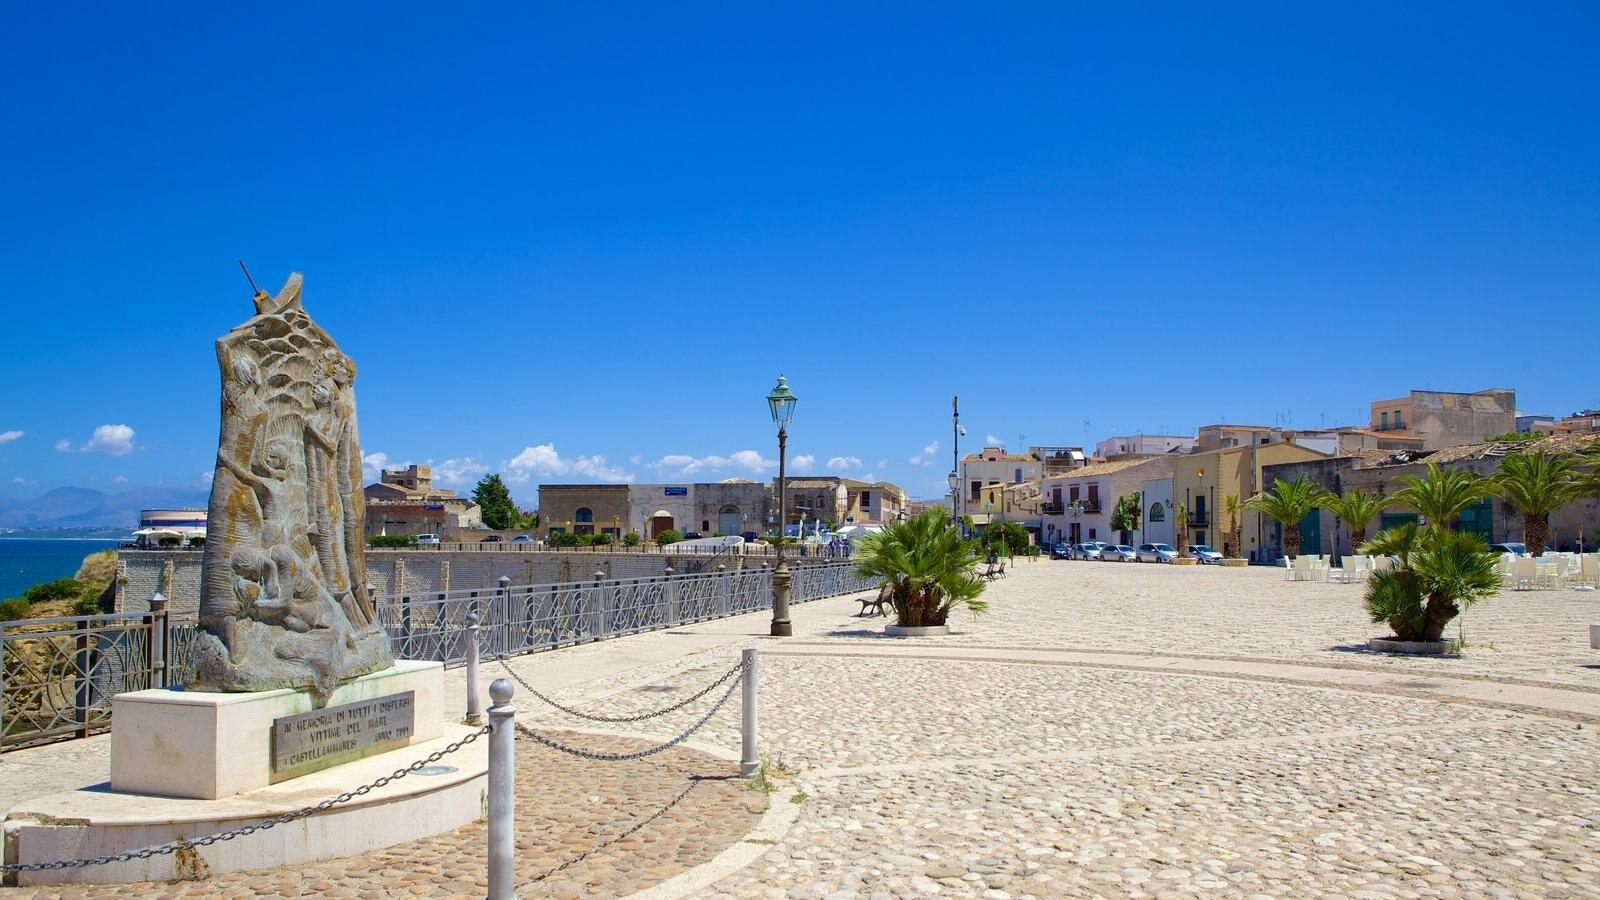 Castellammare del Golfo mostrando cenas de rua e uma estátua ou escultura